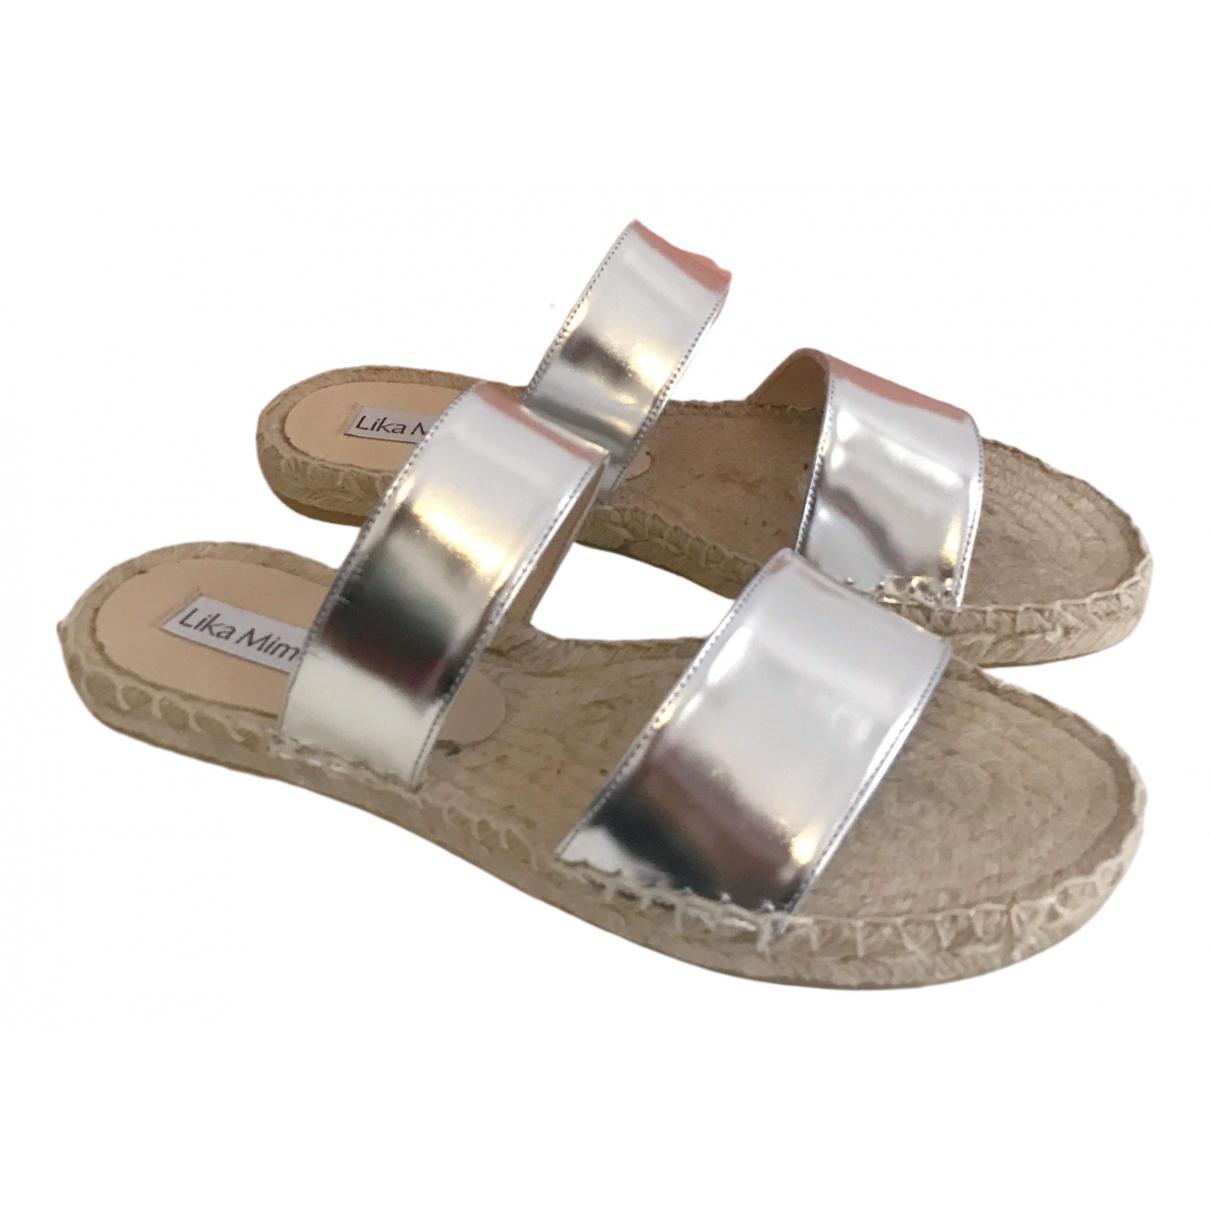 Sandalias de Cuero Lika Mimika